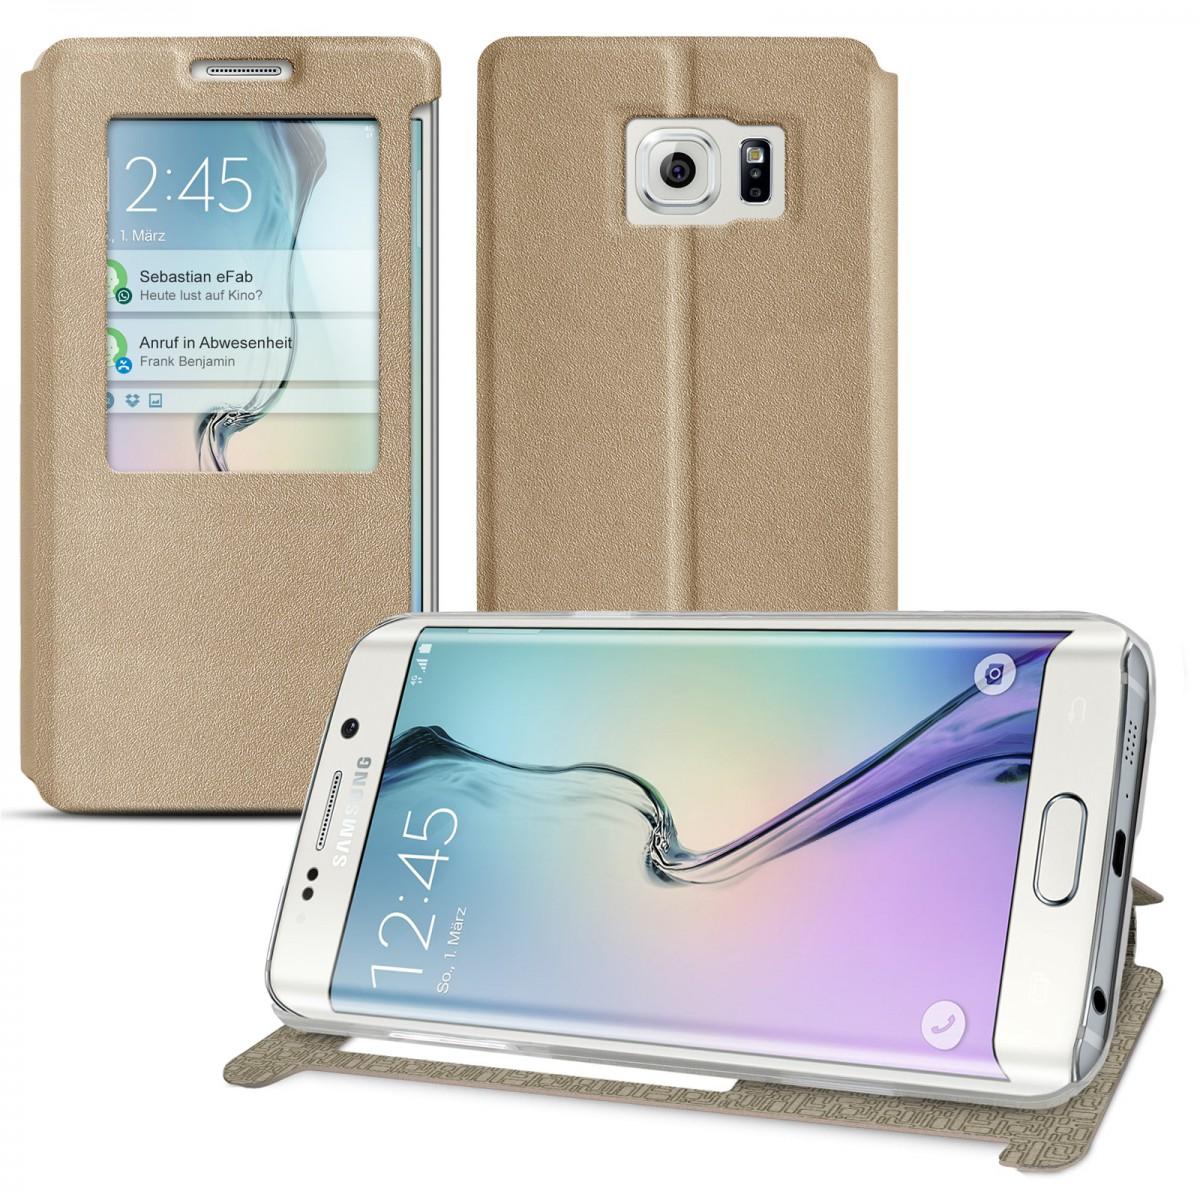 2c7d063bd Pouzdro / obal pro Samsung Galaxy S6 Edge